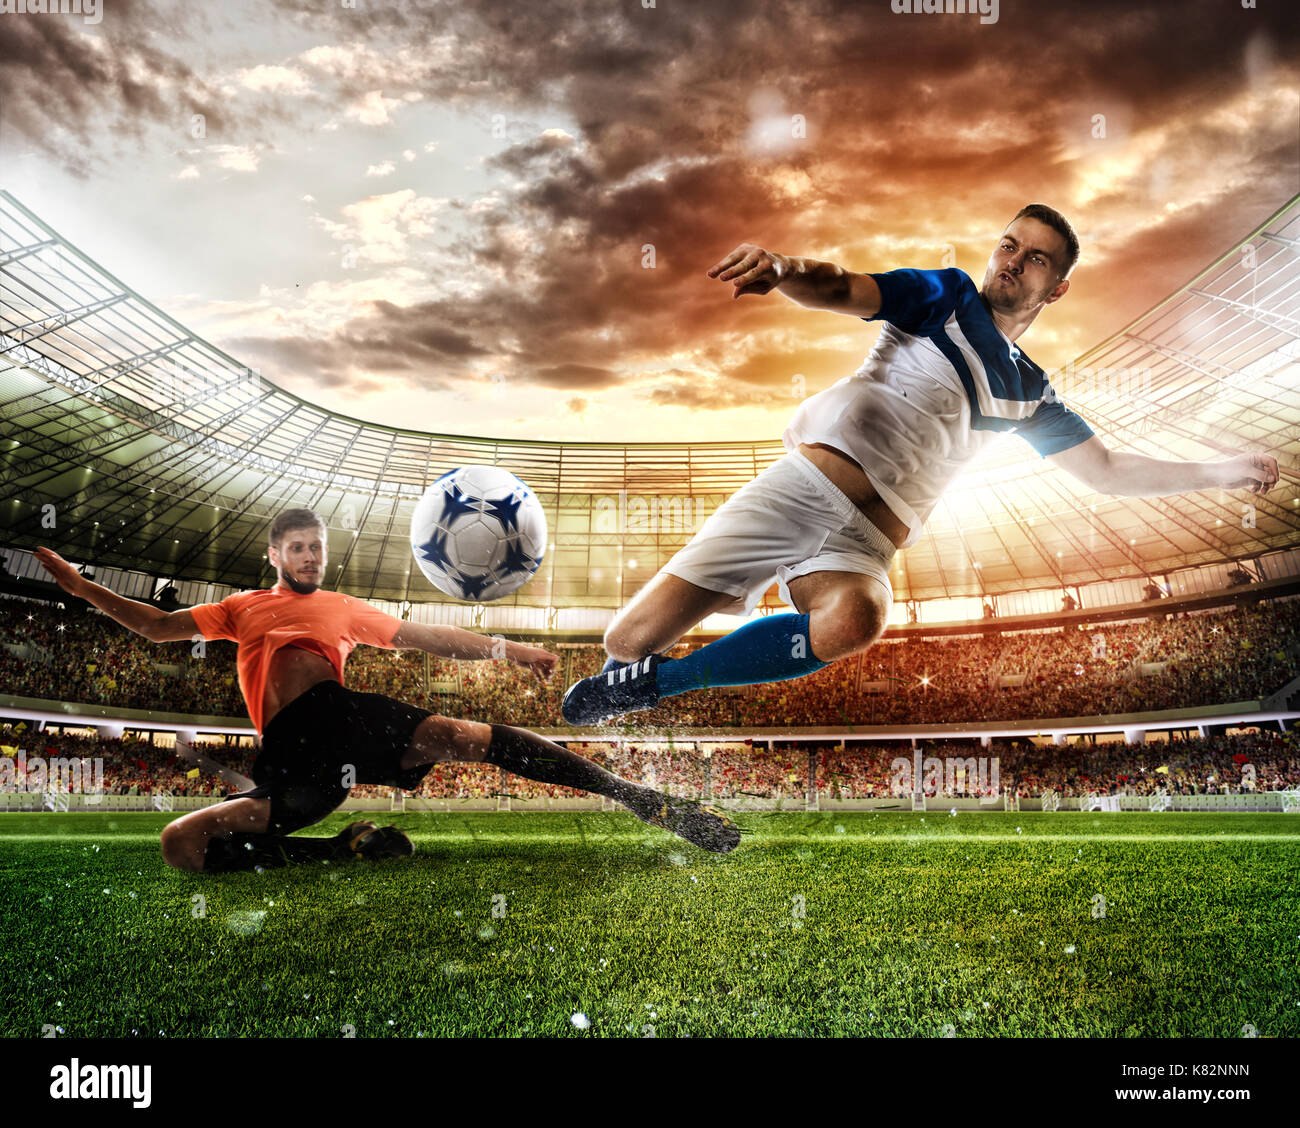 Scena di calcio con concorrenti i giocatori di calcio allo stadio Immagini Stock